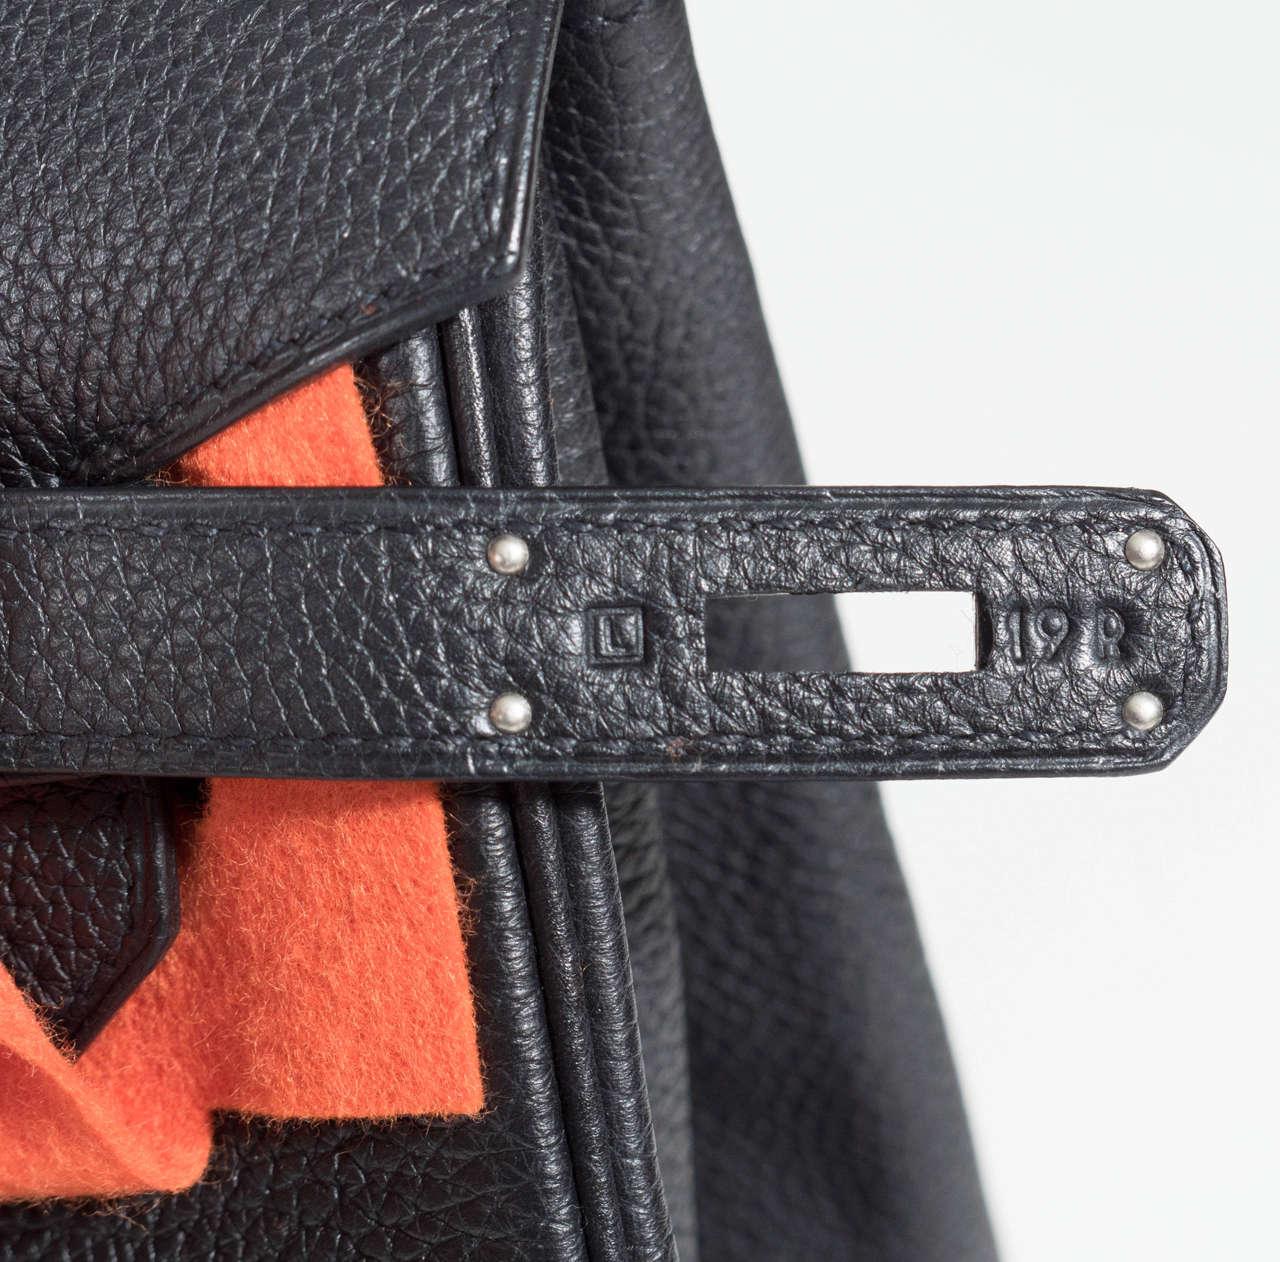 Hermès Paris Birkin Bag 40 in Togo Leather with Palladium Hardware, 2008 6